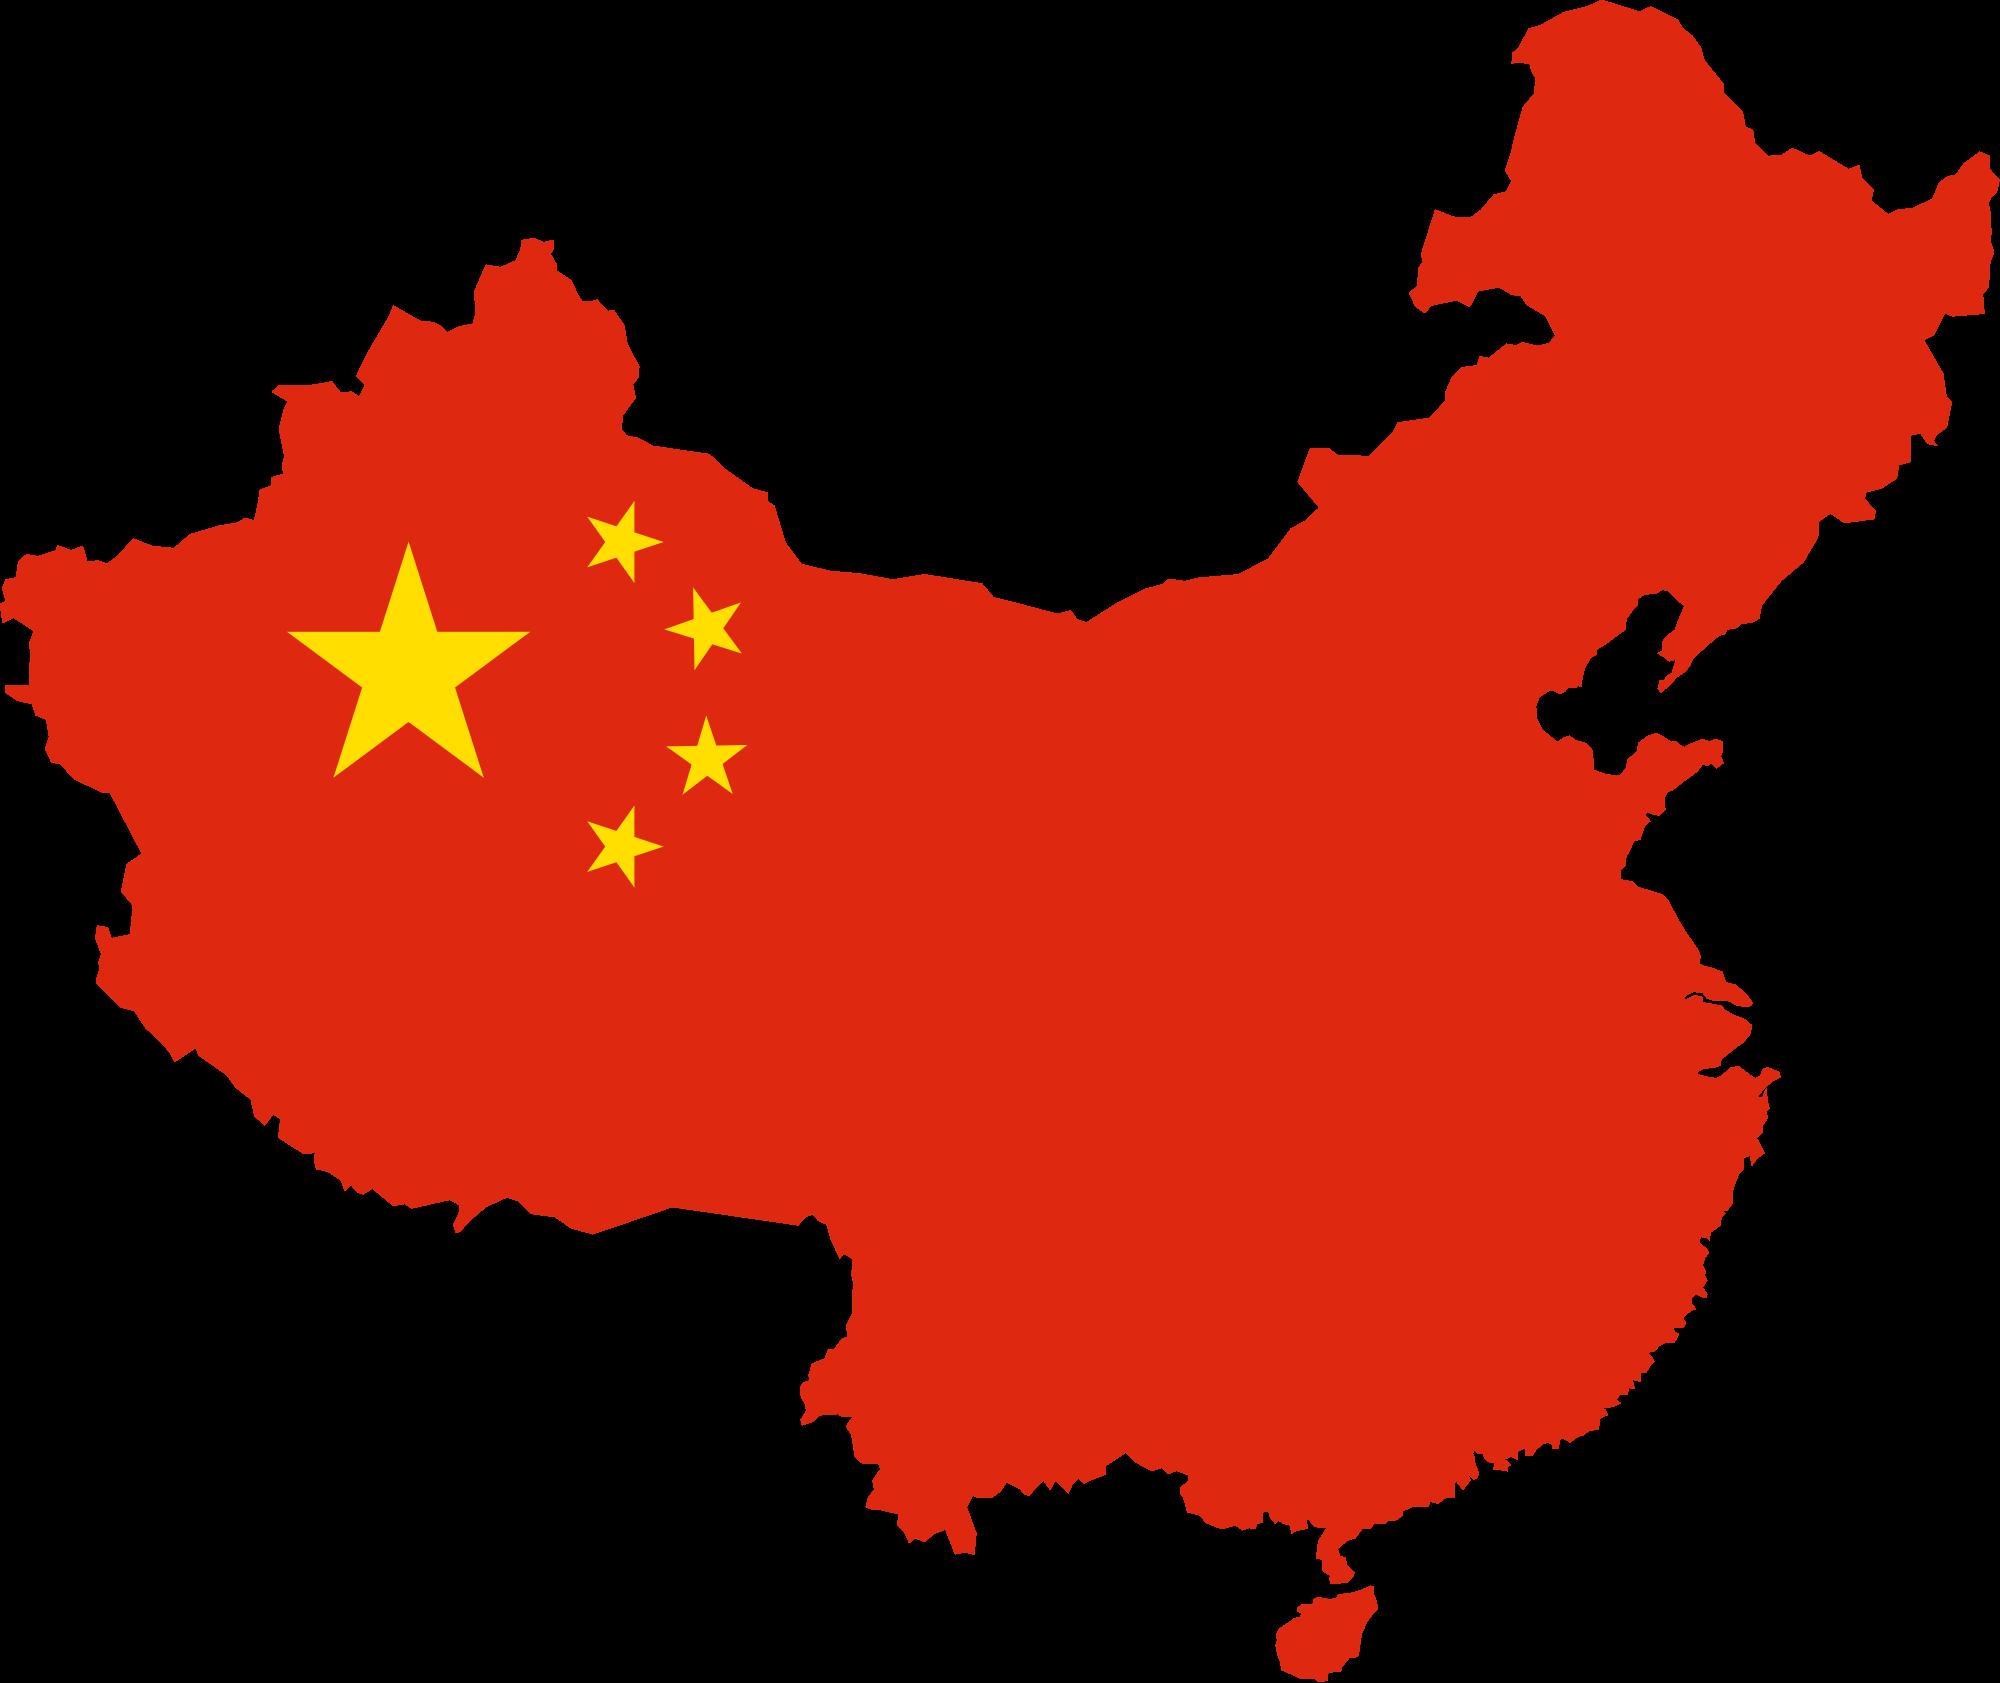 China svg #20, Download drawings